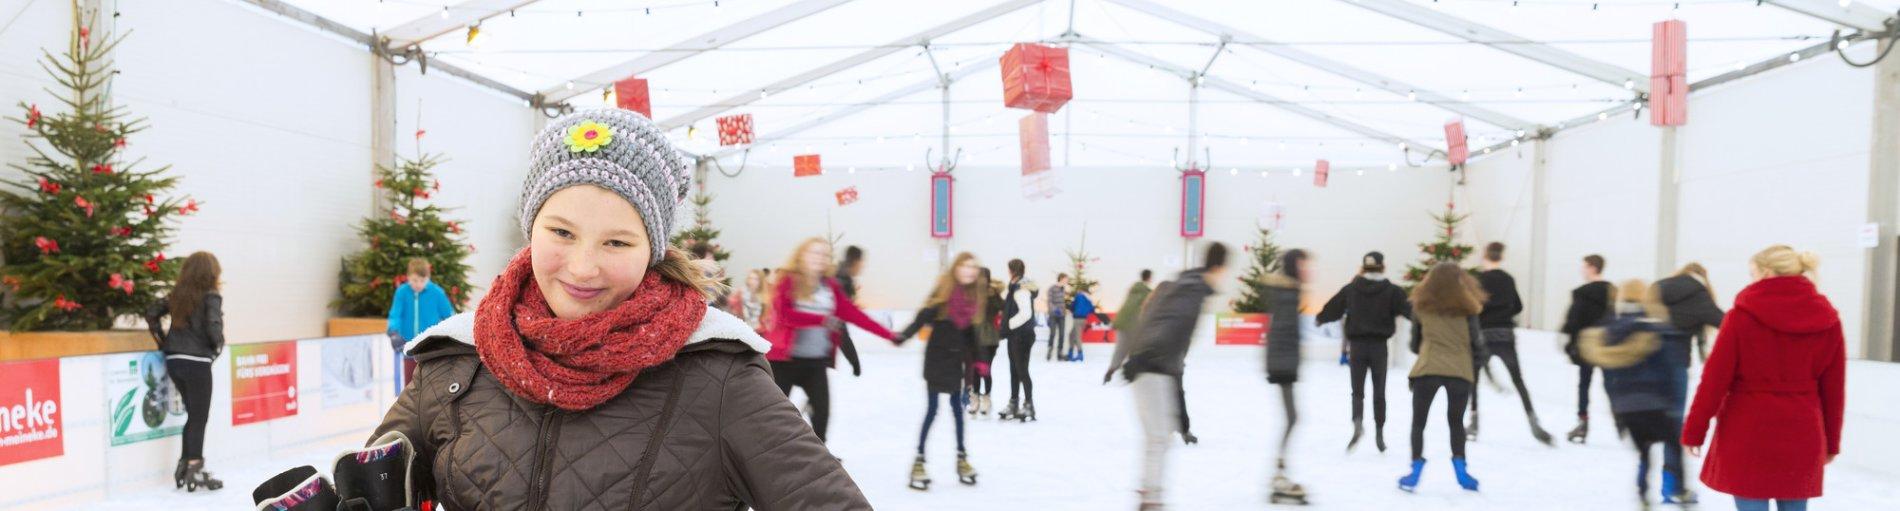 Ein Mädchen steht in Winterkleidung bekleidet in einer Eishalle, im Hintergrund laufen andere Kinder Schlittschuh